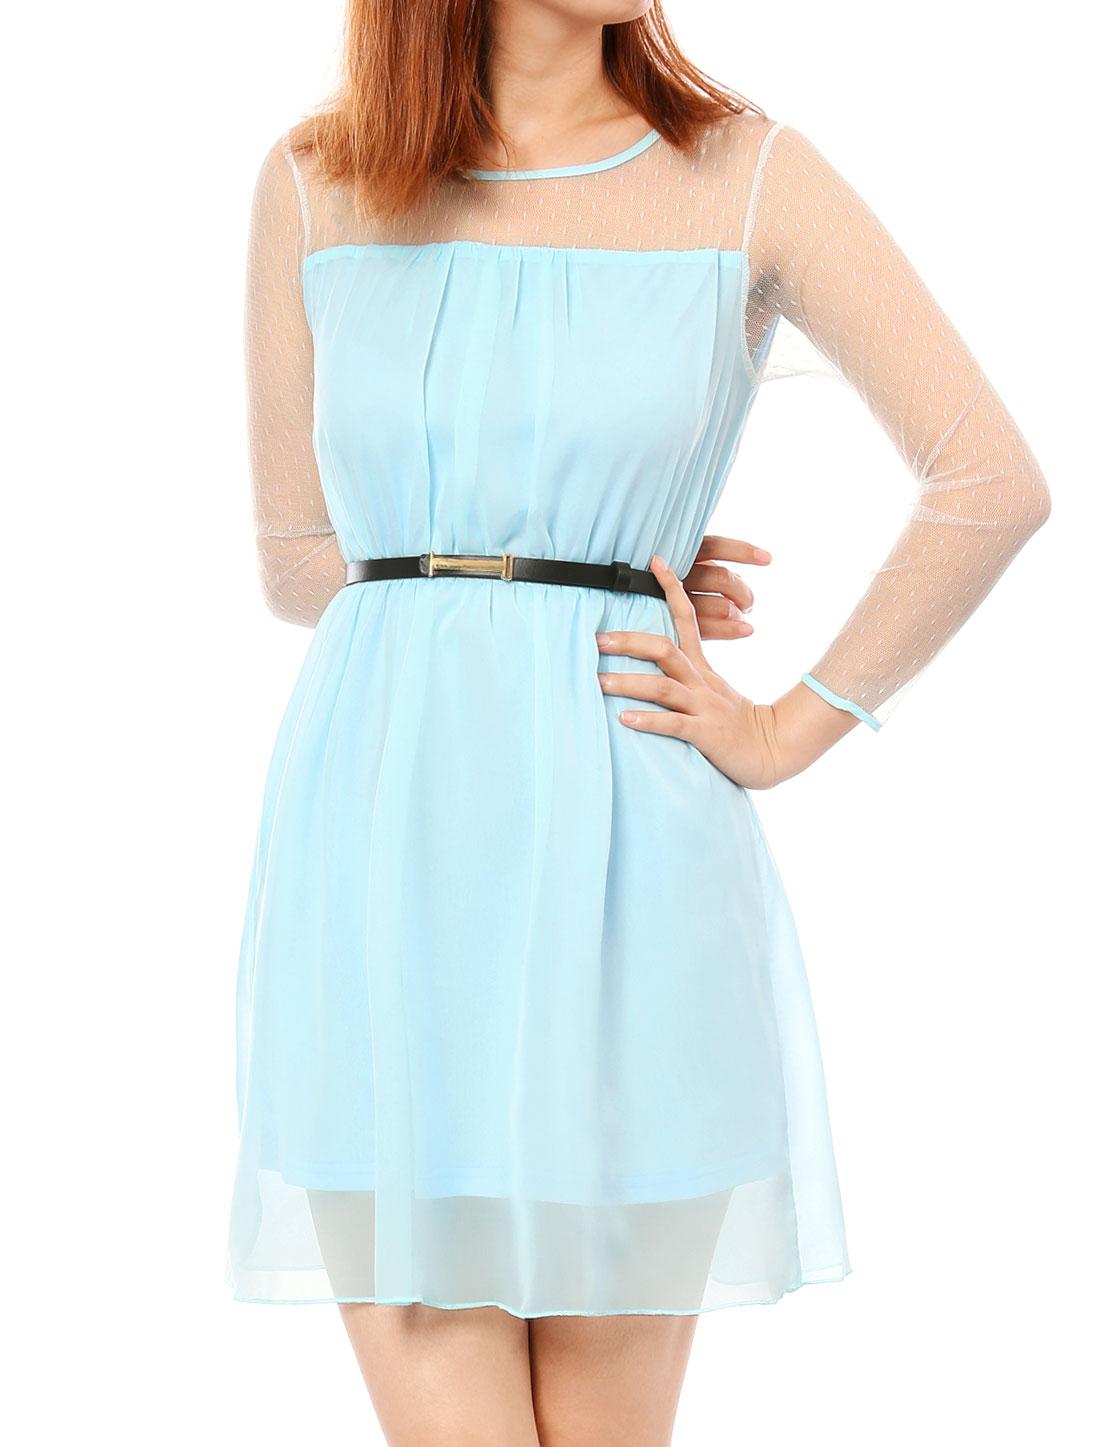 Women Newly Round Neck Semi-Sheer Long Sleeve Light Blue Dress XL